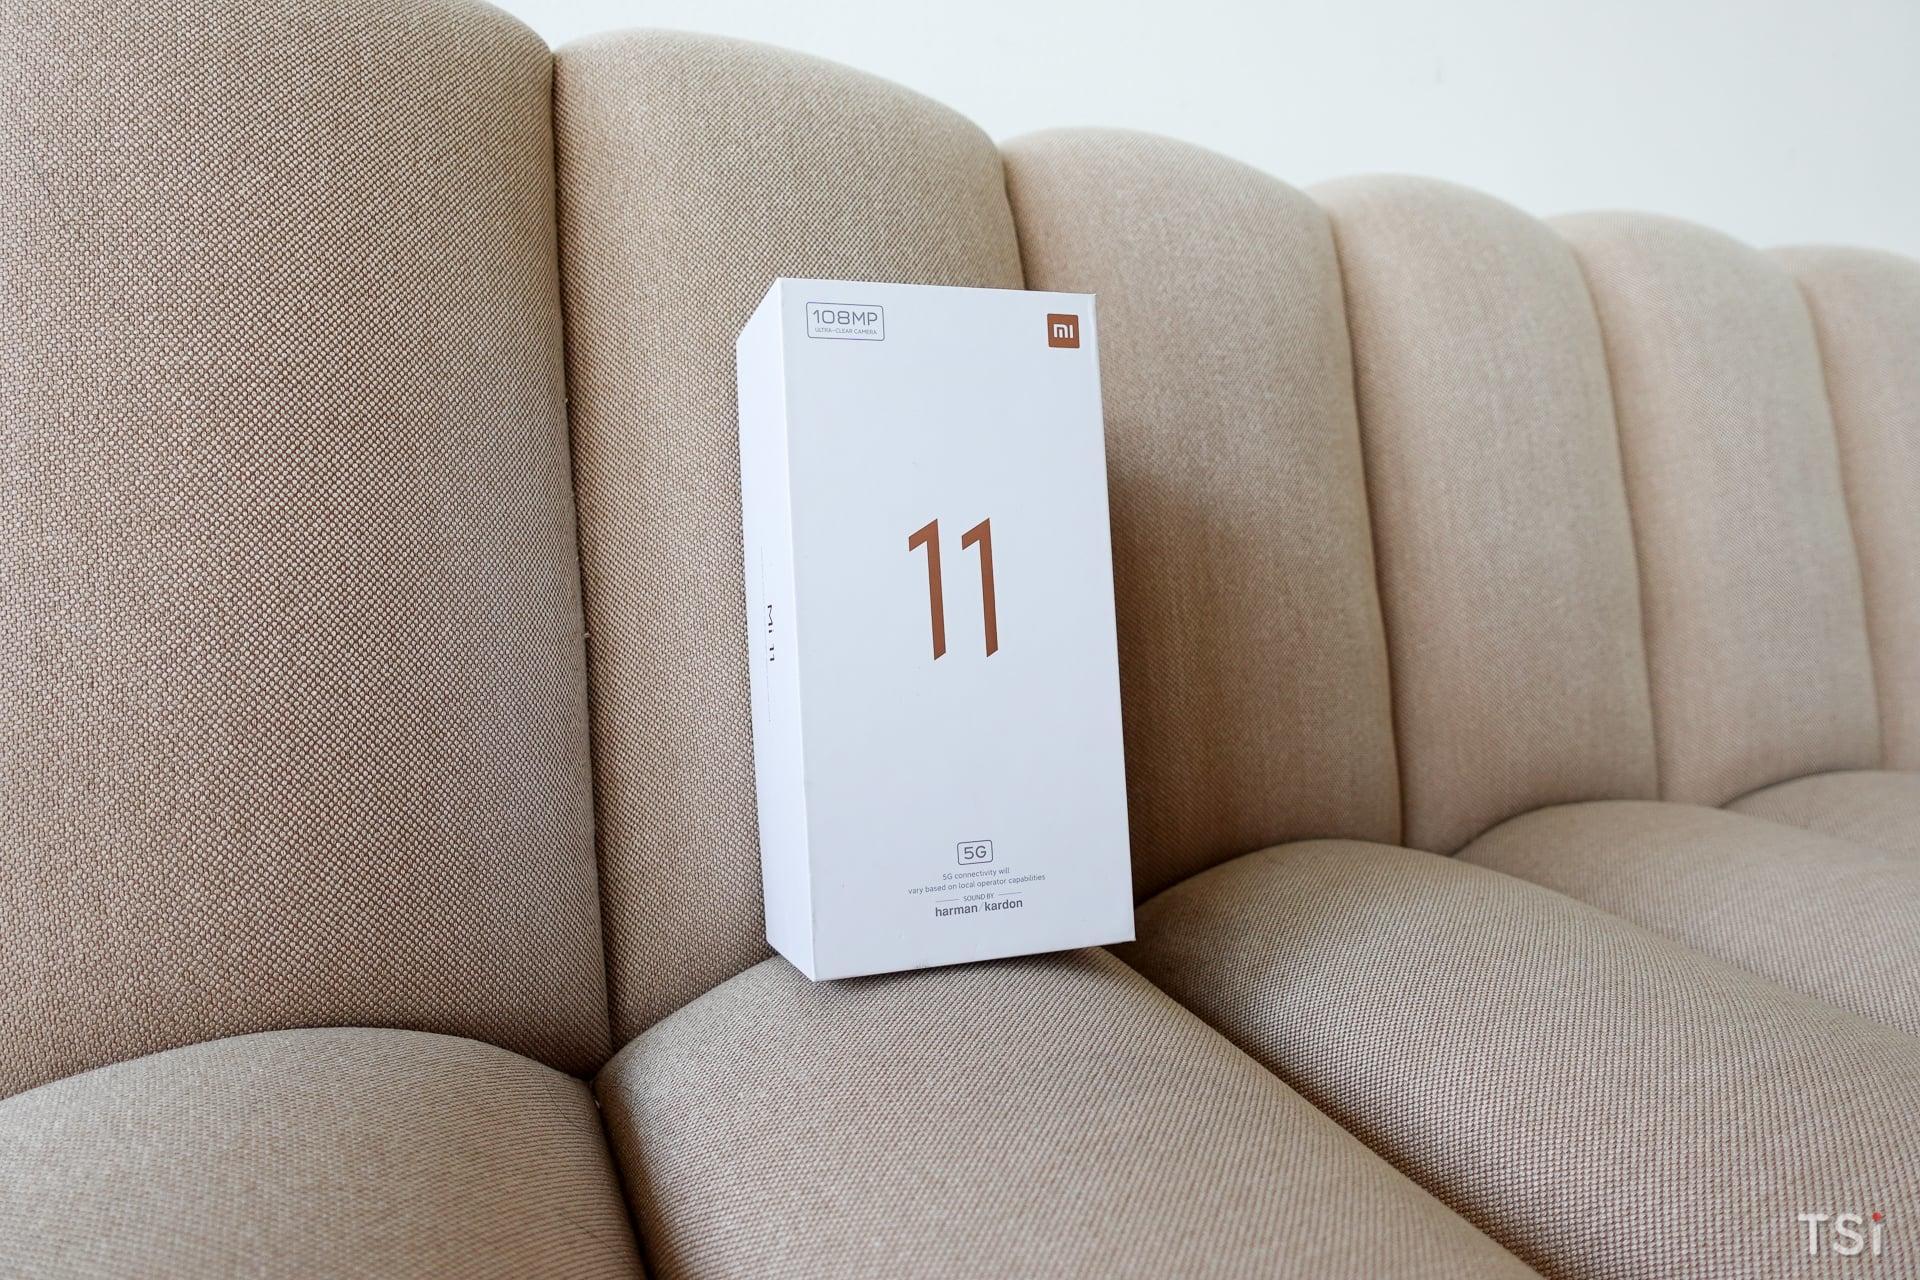 Mở hộp và trên tay Xiaomi Mi 11 | 5G: Hoàn thiện tốt, hiệu năng mạnh